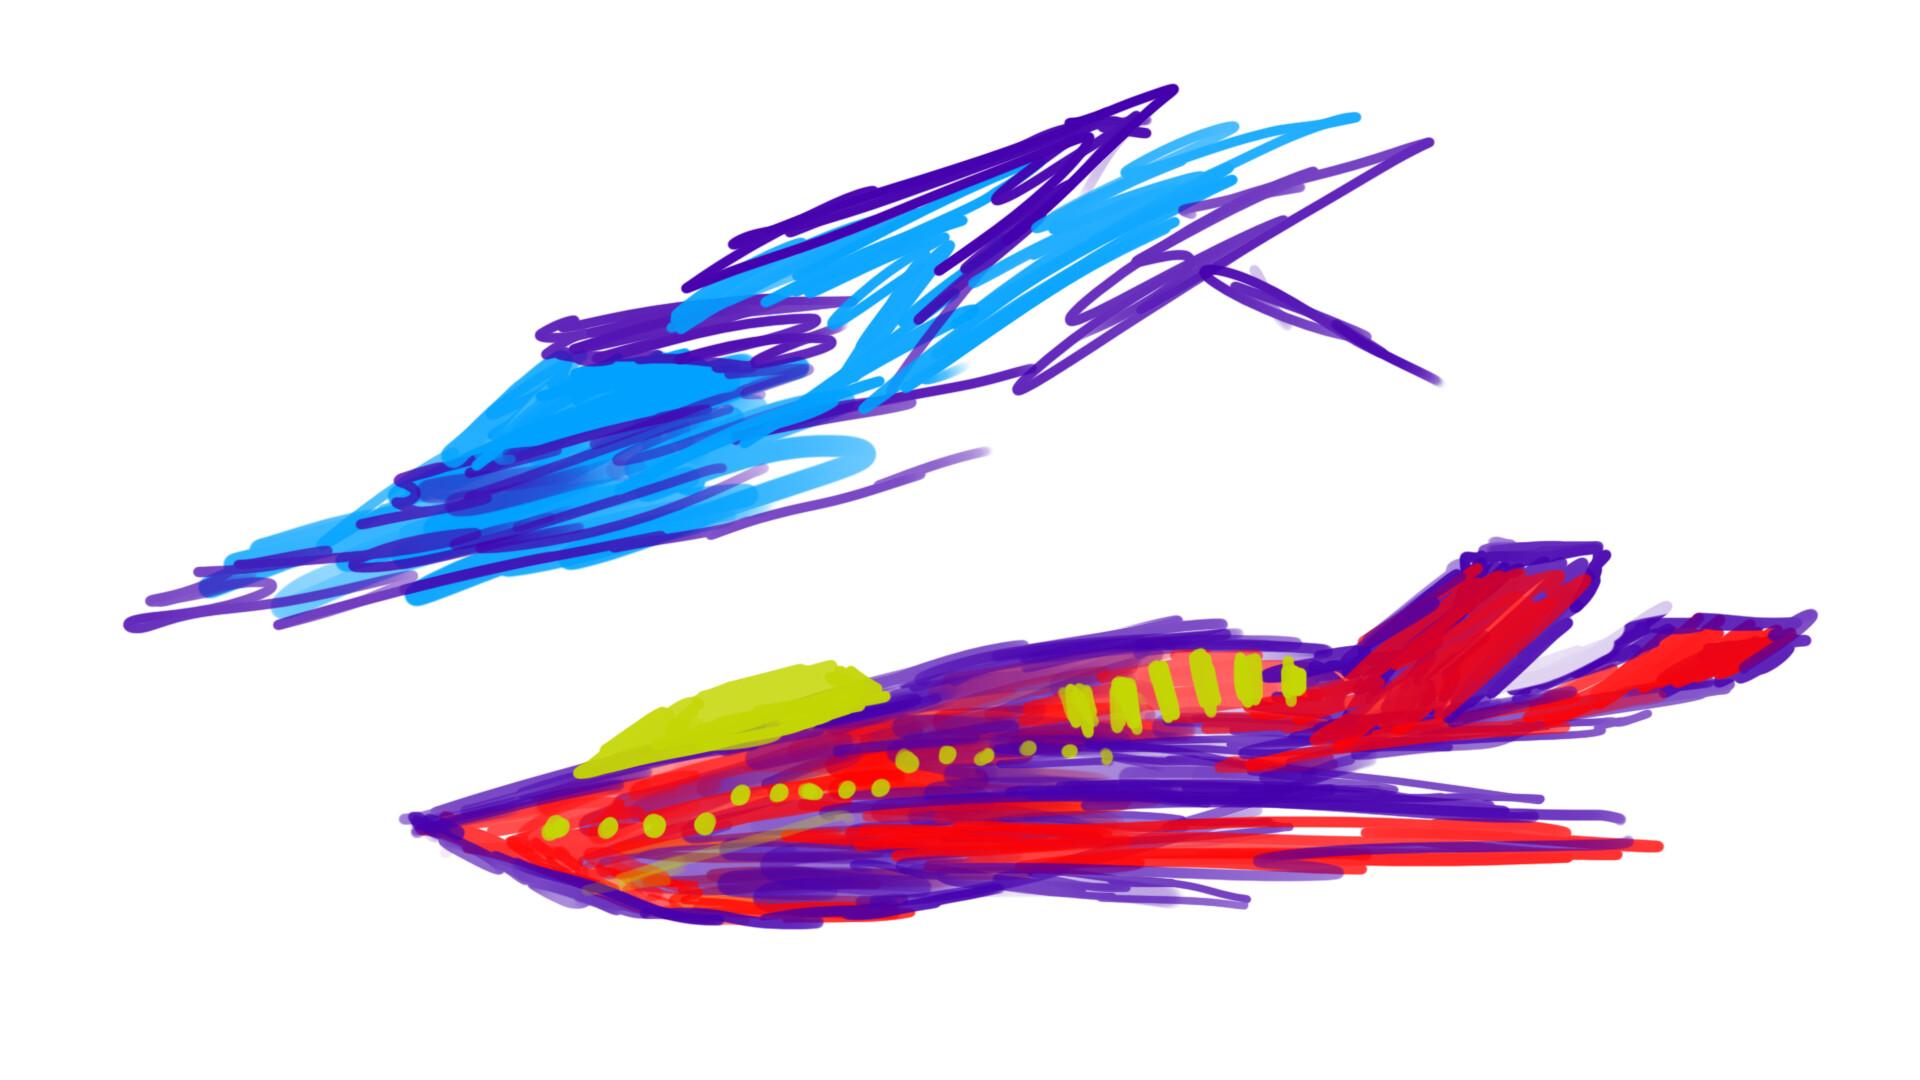 Alexander laheij drawing11 33